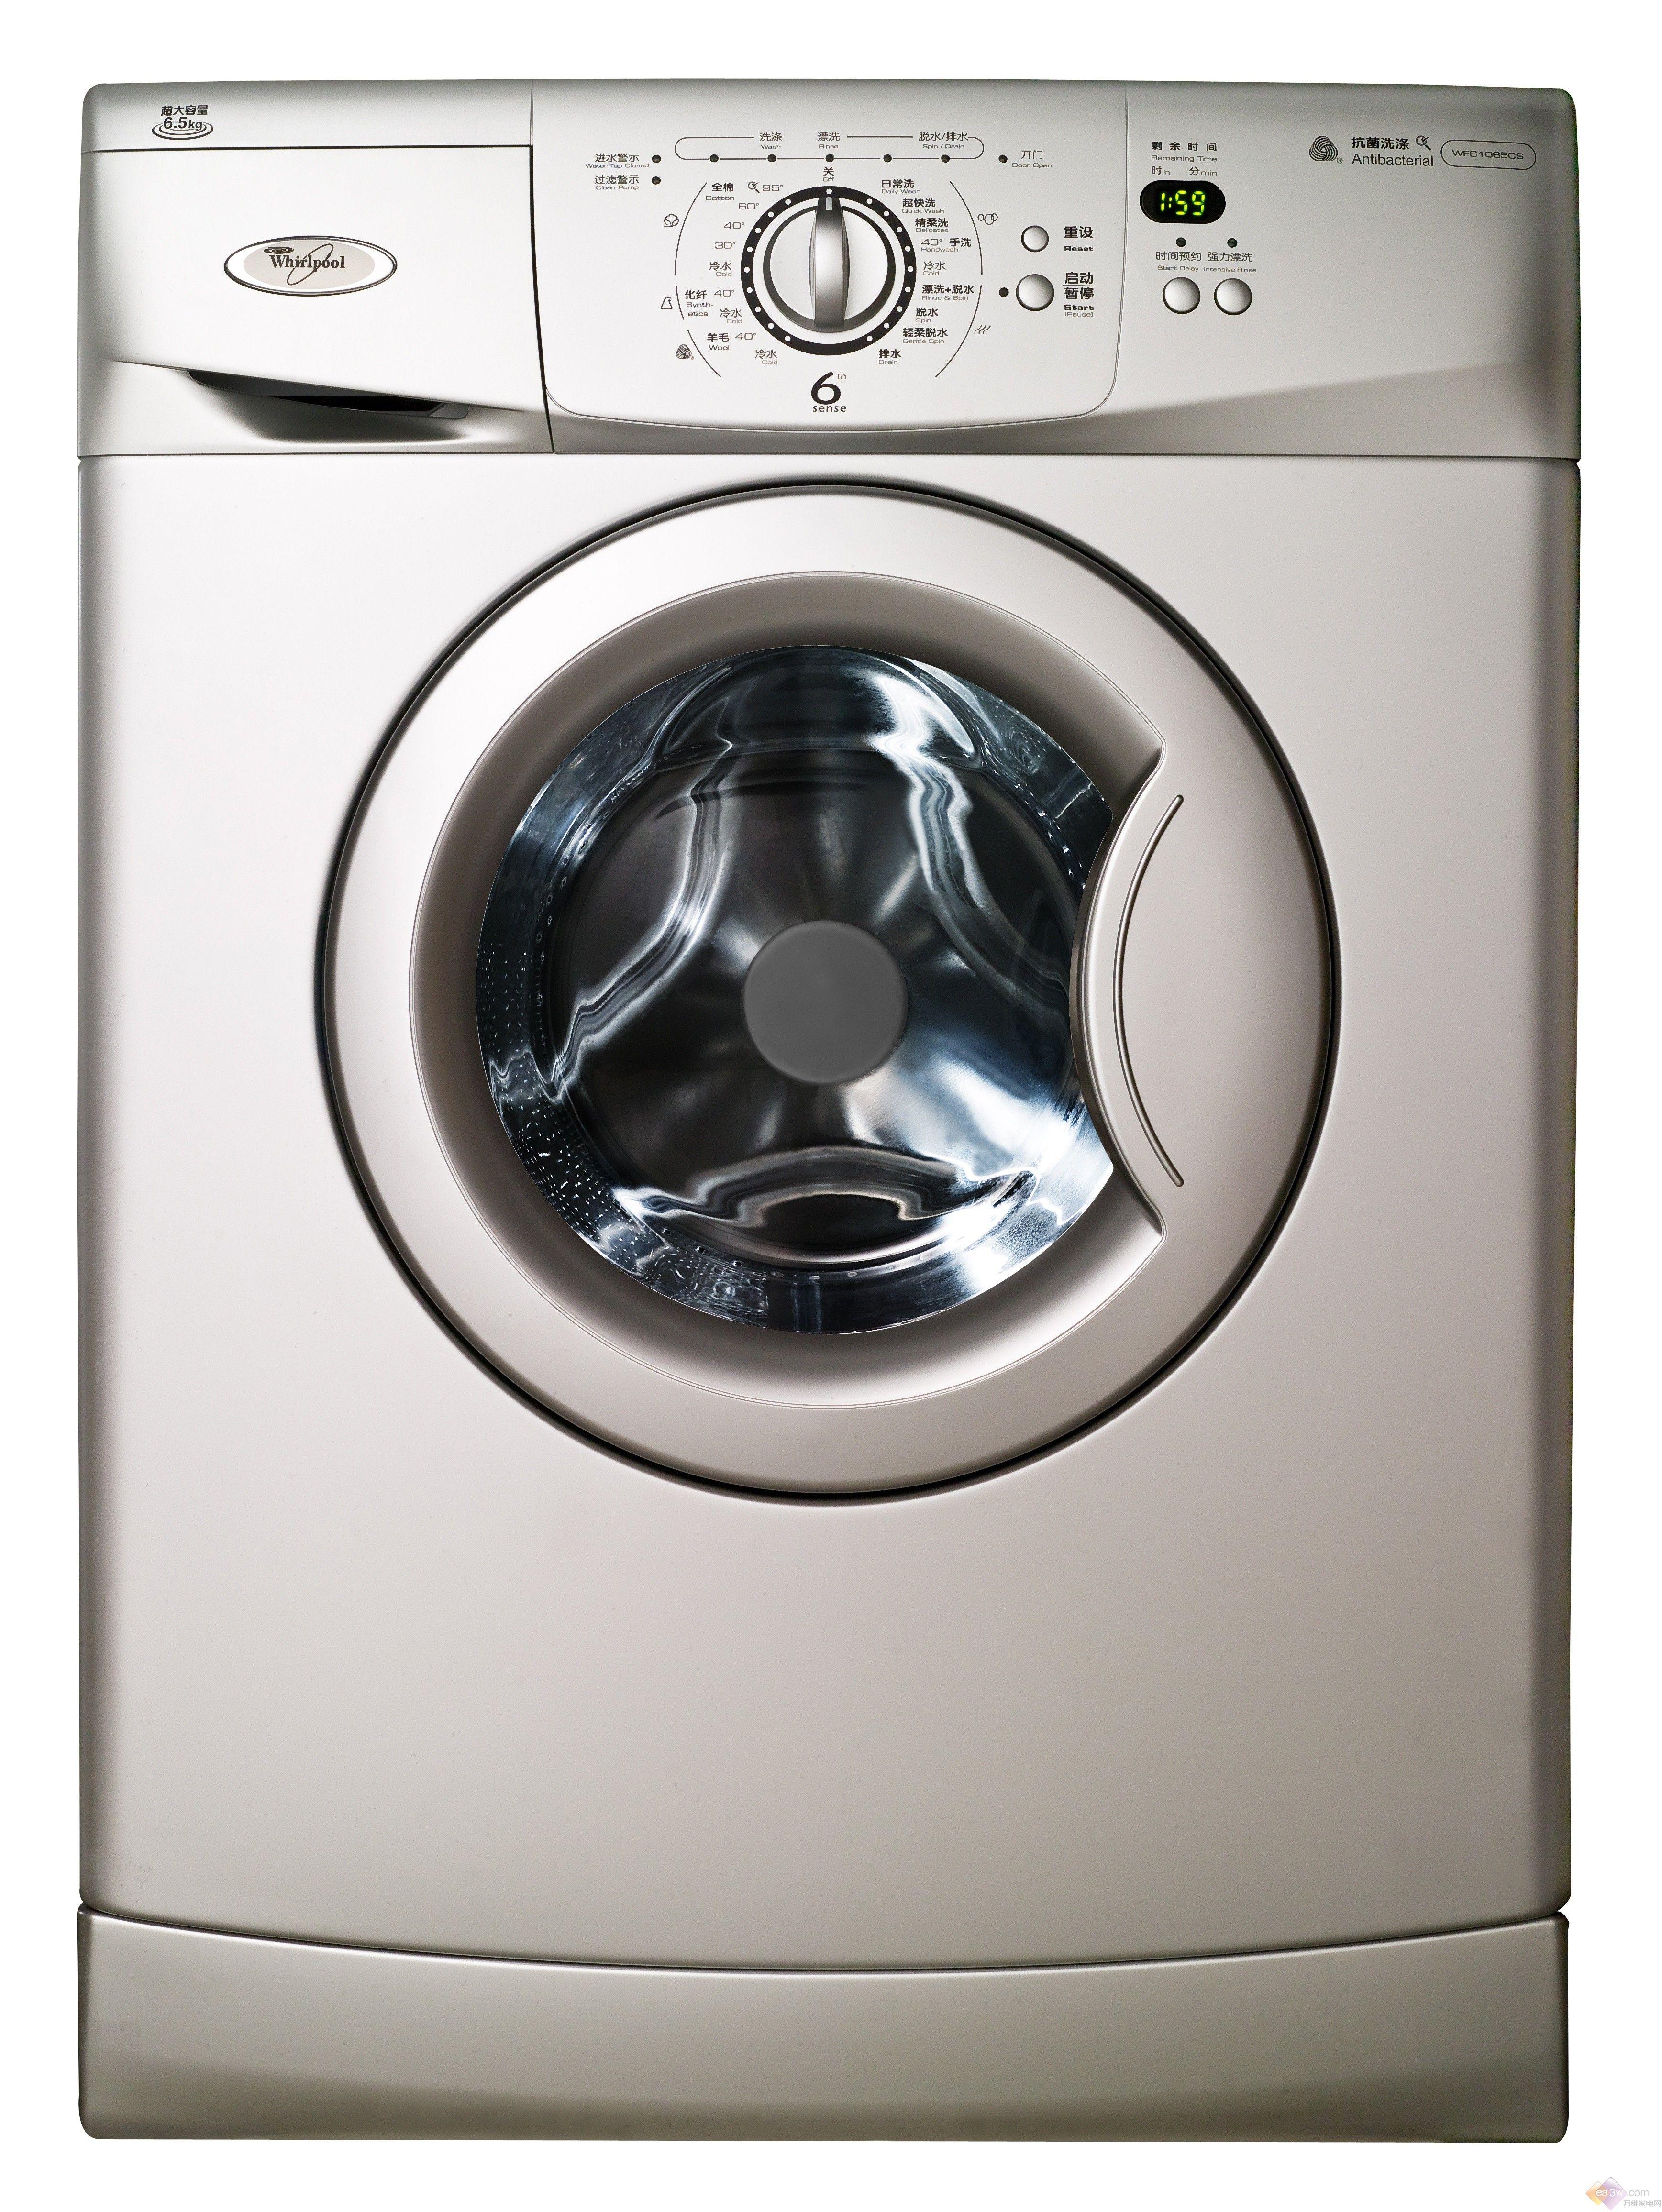 【止水·洗衣】洗衣機止水閥